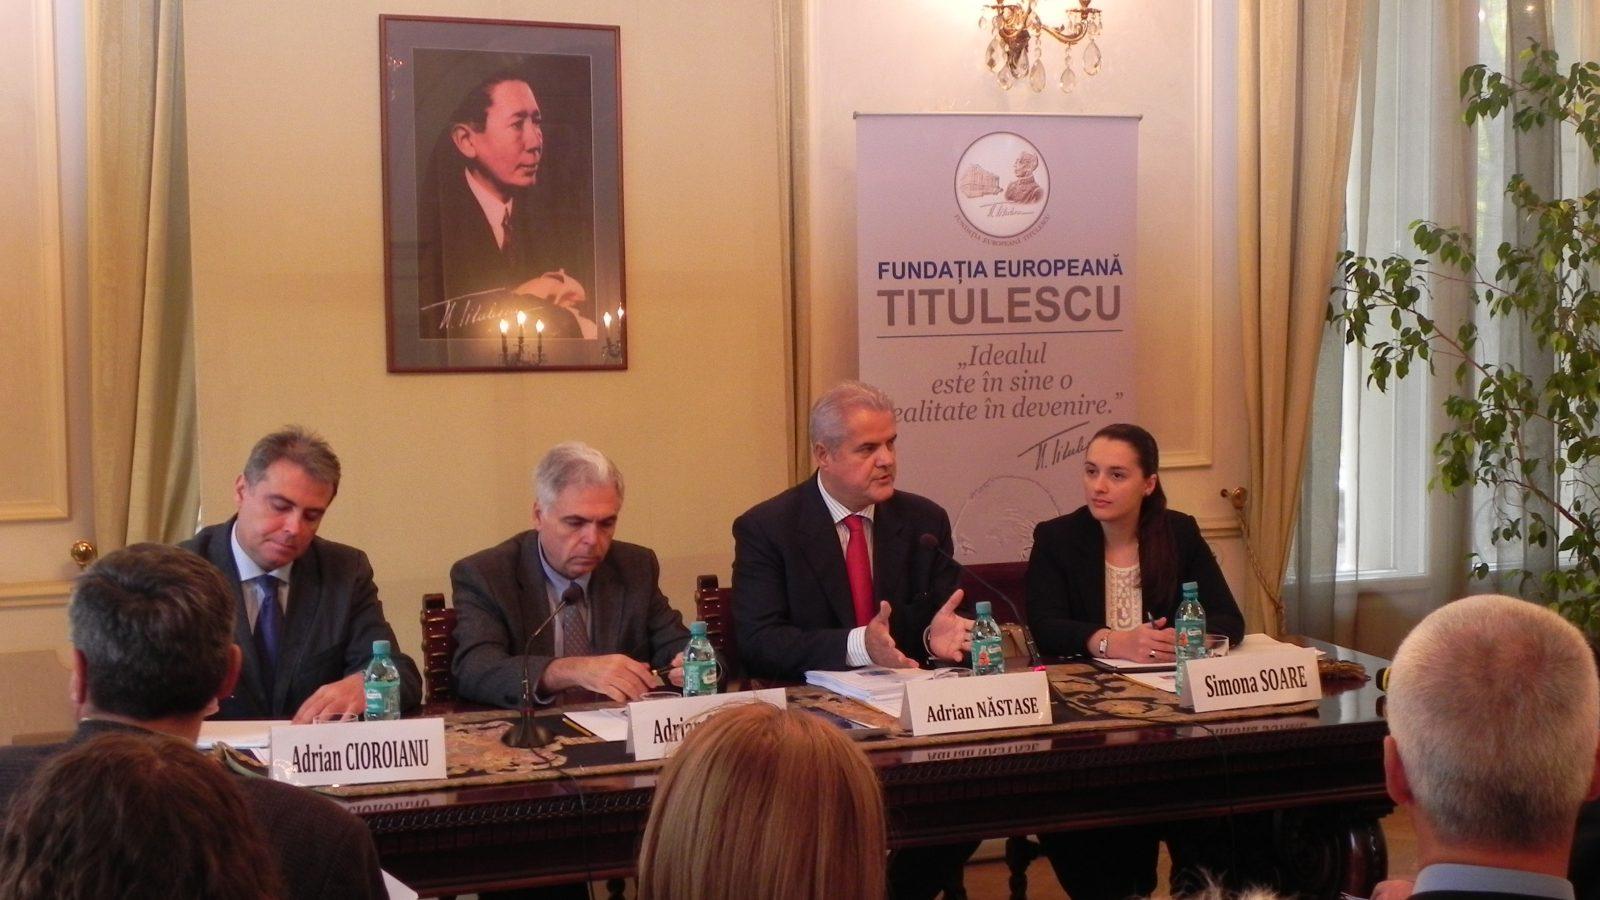 Parteneriatul Estic al Uniunii Europene – ofensivă şi contraofensivă